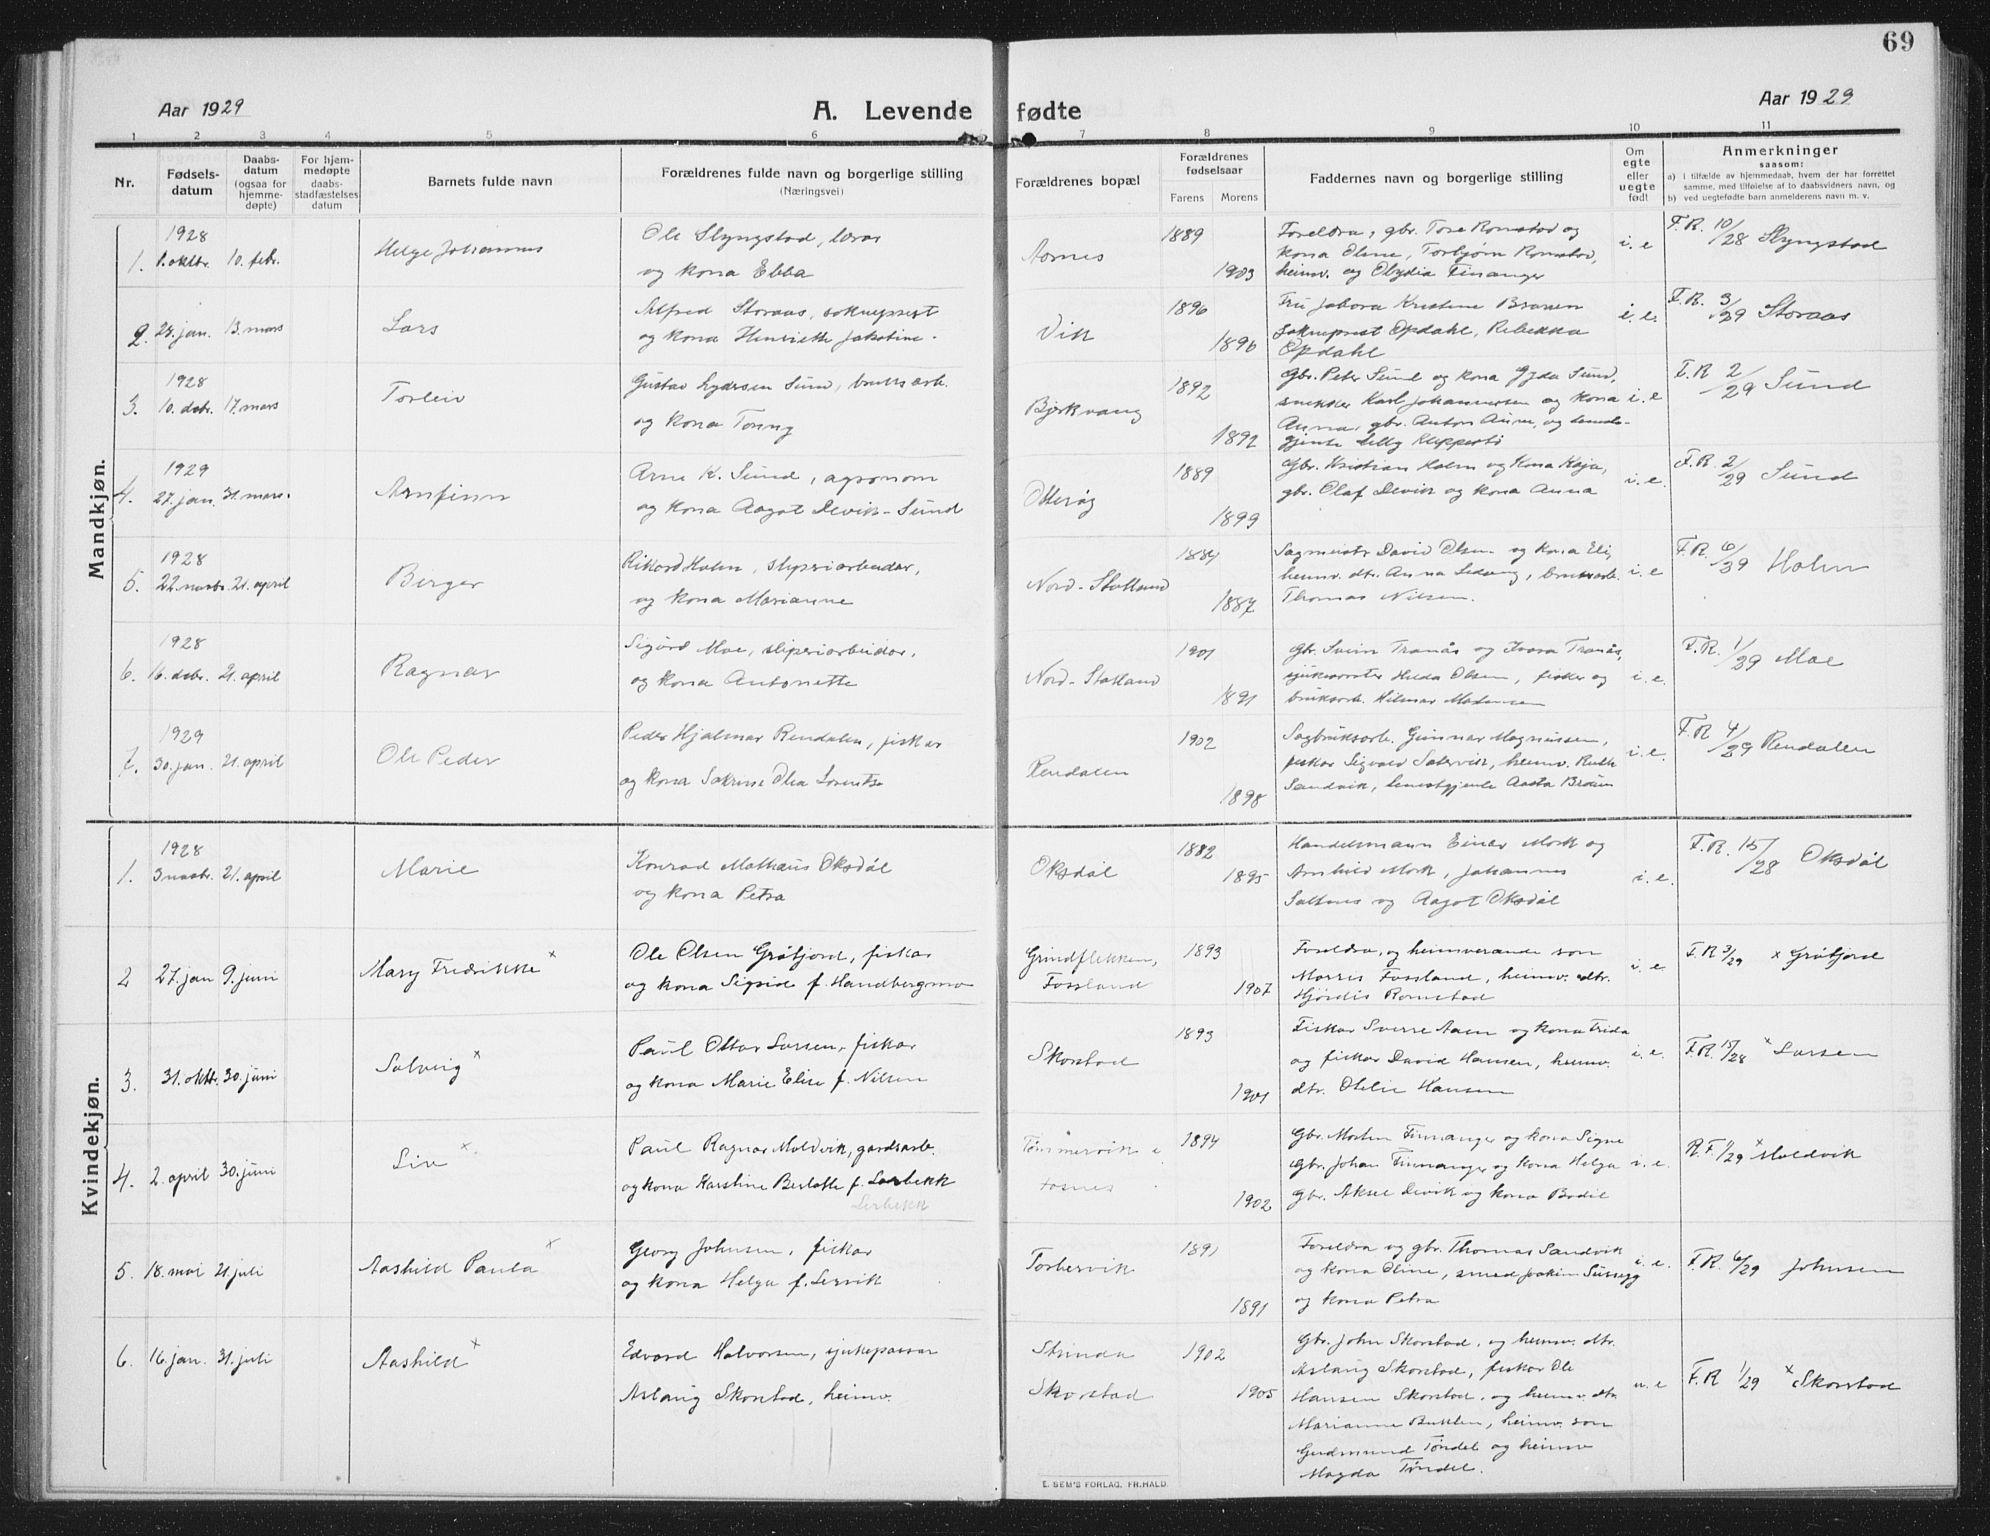 SAT, Ministerialprotokoller, klokkerbøker og fødselsregistre - Nord-Trøndelag, 774/L0630: Klokkerbok nr. 774C01, 1910-1934, s. 69